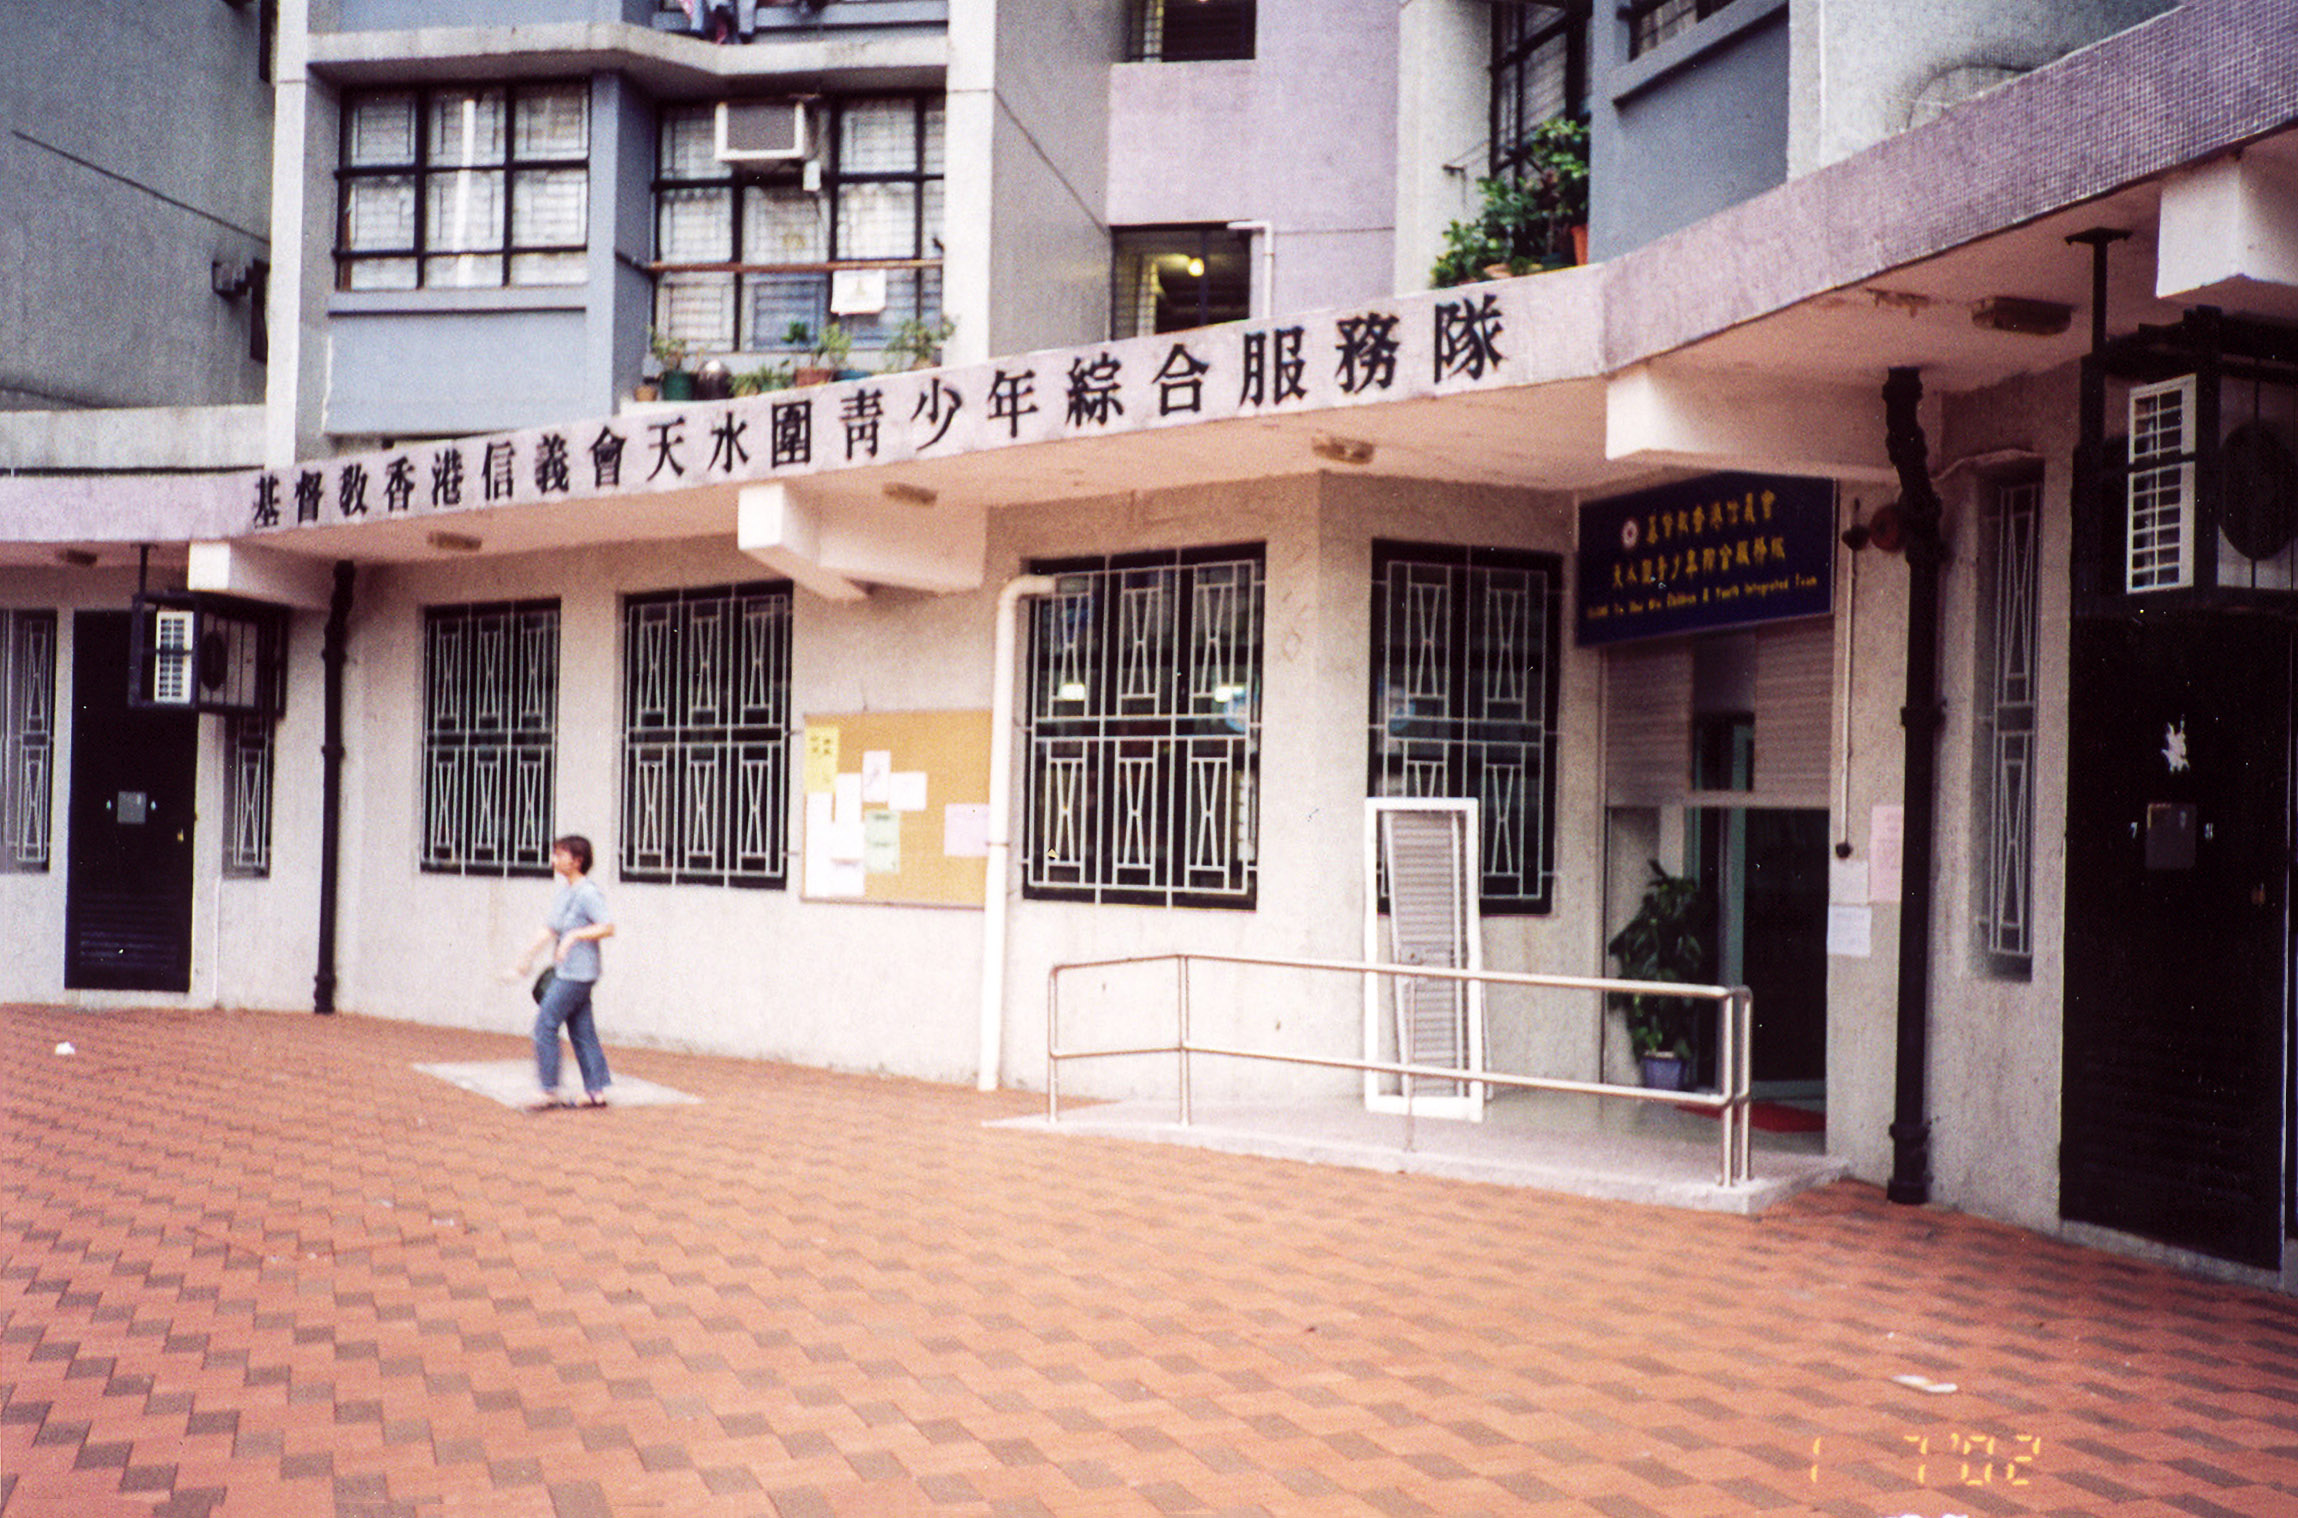 2002_基督教香港信義會天水圍青少年綜合服務_3